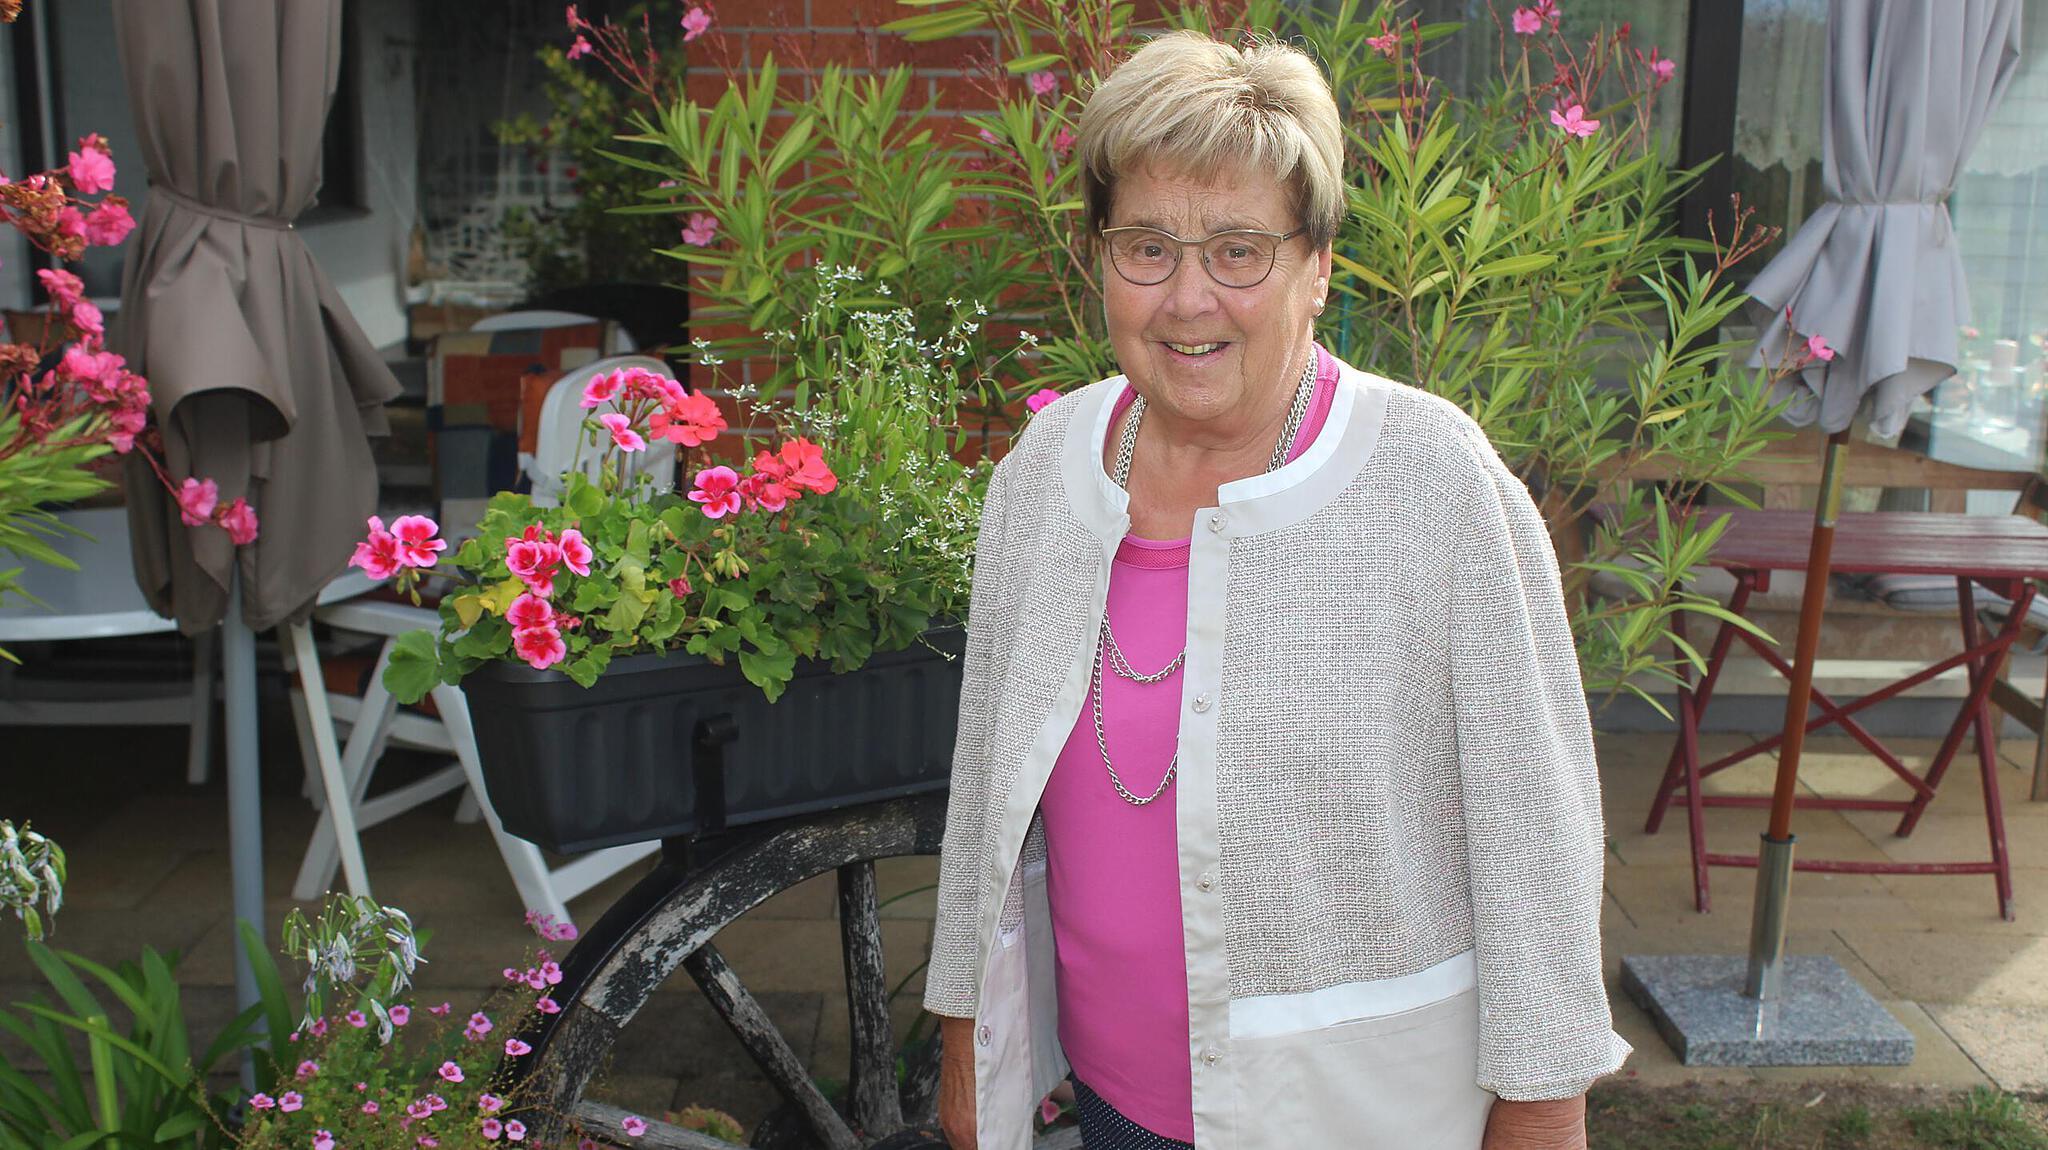 Lore Ragati Wiesentheid 90 Geburtstag